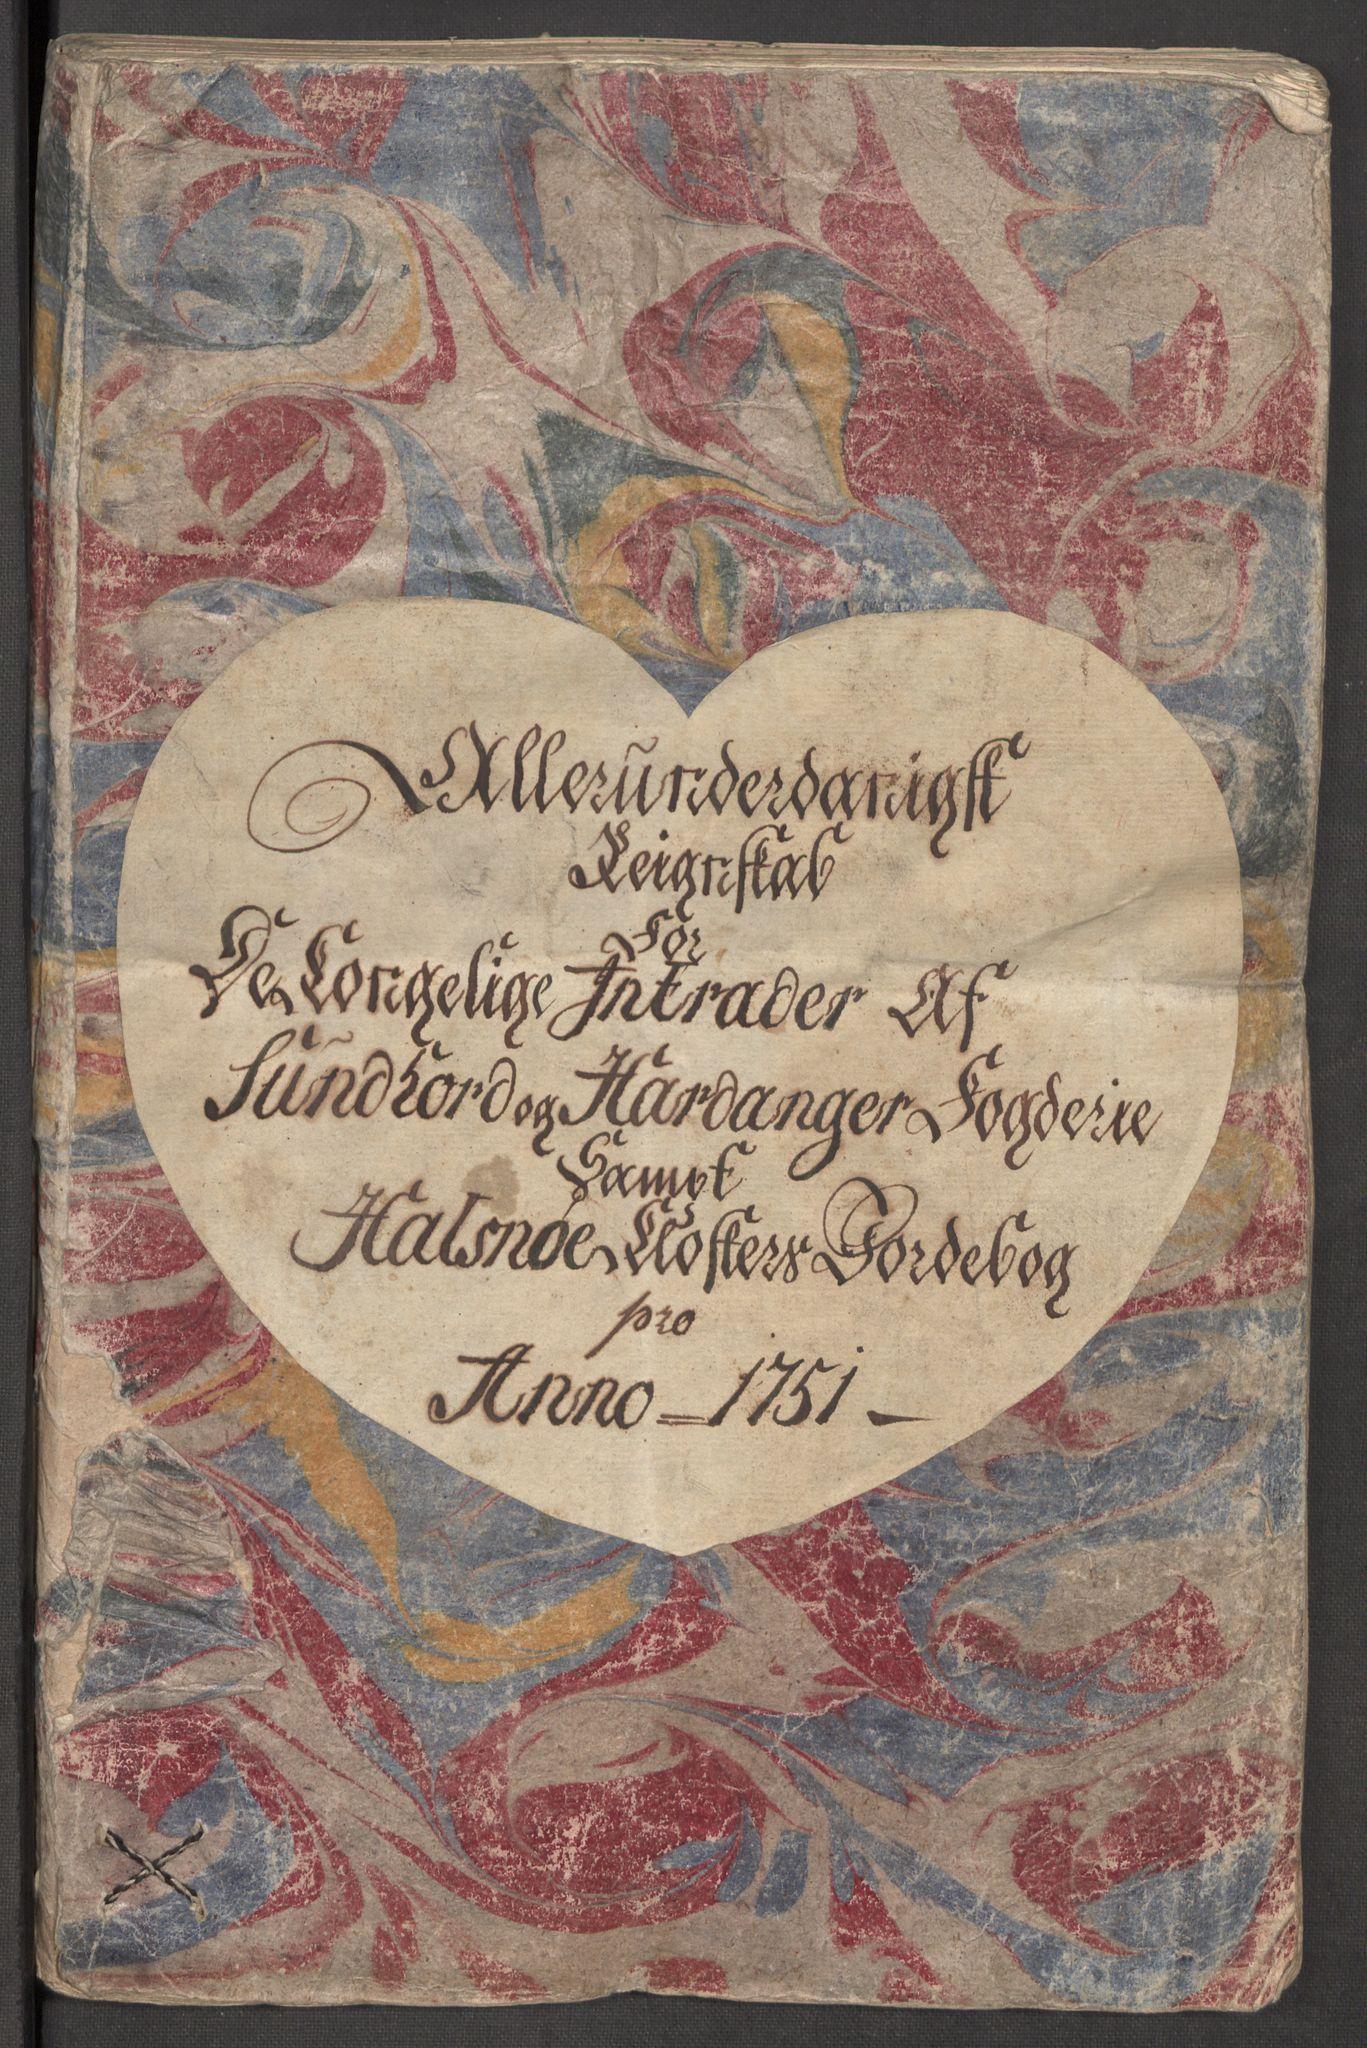 RA, Rentekammeret inntil 1814, Reviderte regnskaper, Fogderegnskap, R48/L3056: Fogderegnskap Sunnhordland og Hardanger, 1751, s. 3